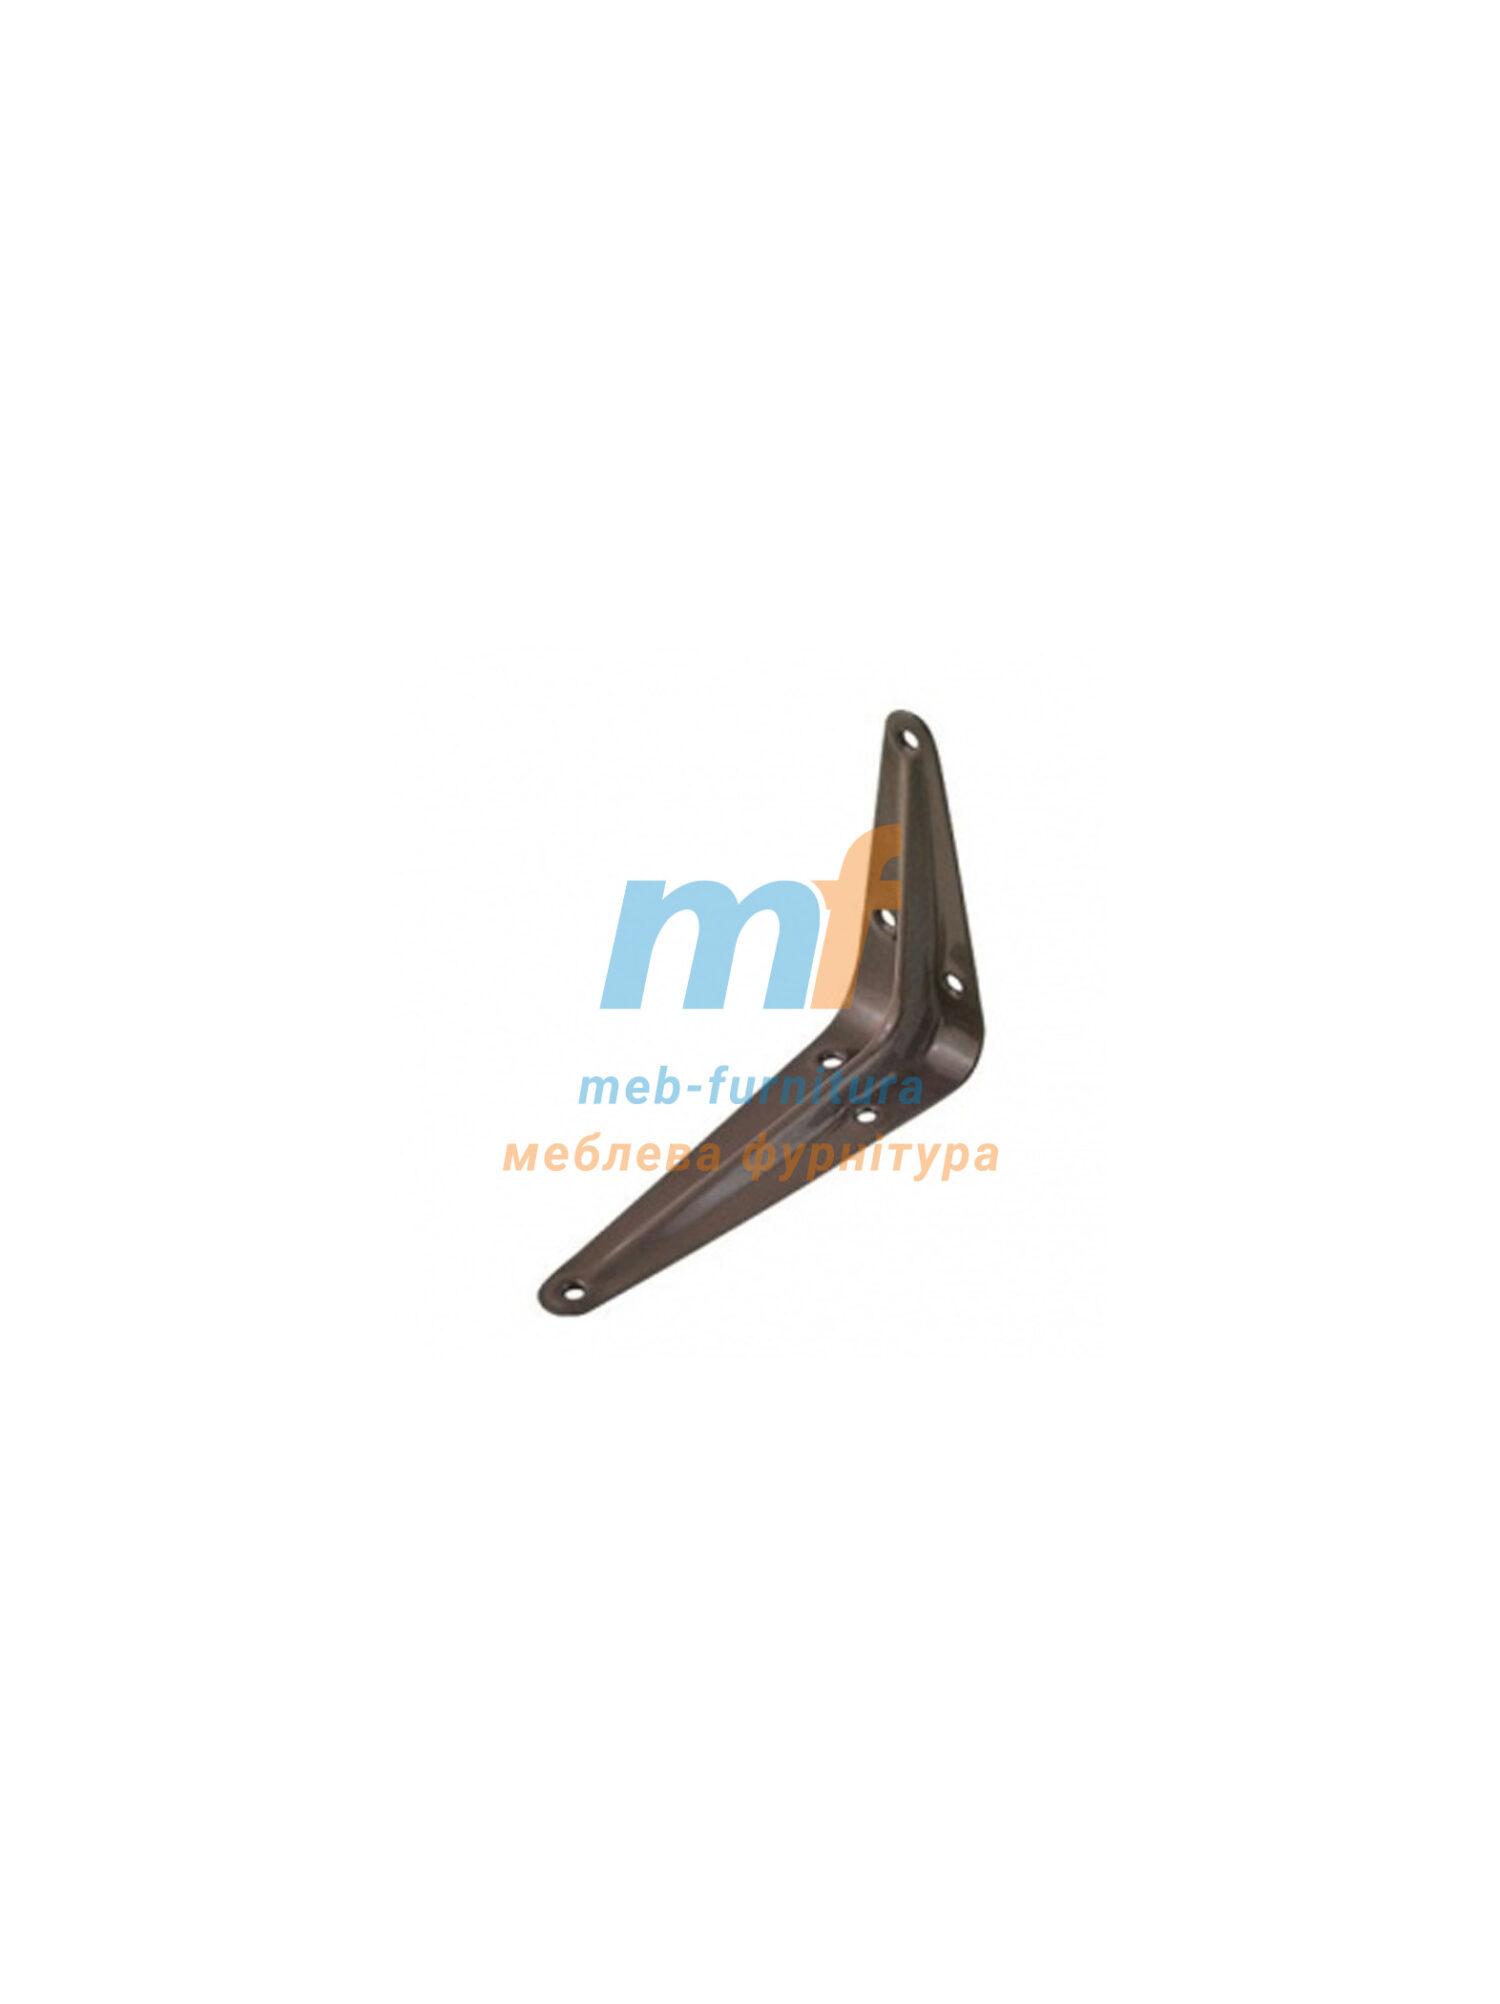 Консоль-полкодержатель металлический (3х4) 75х100мм коричневый Польша